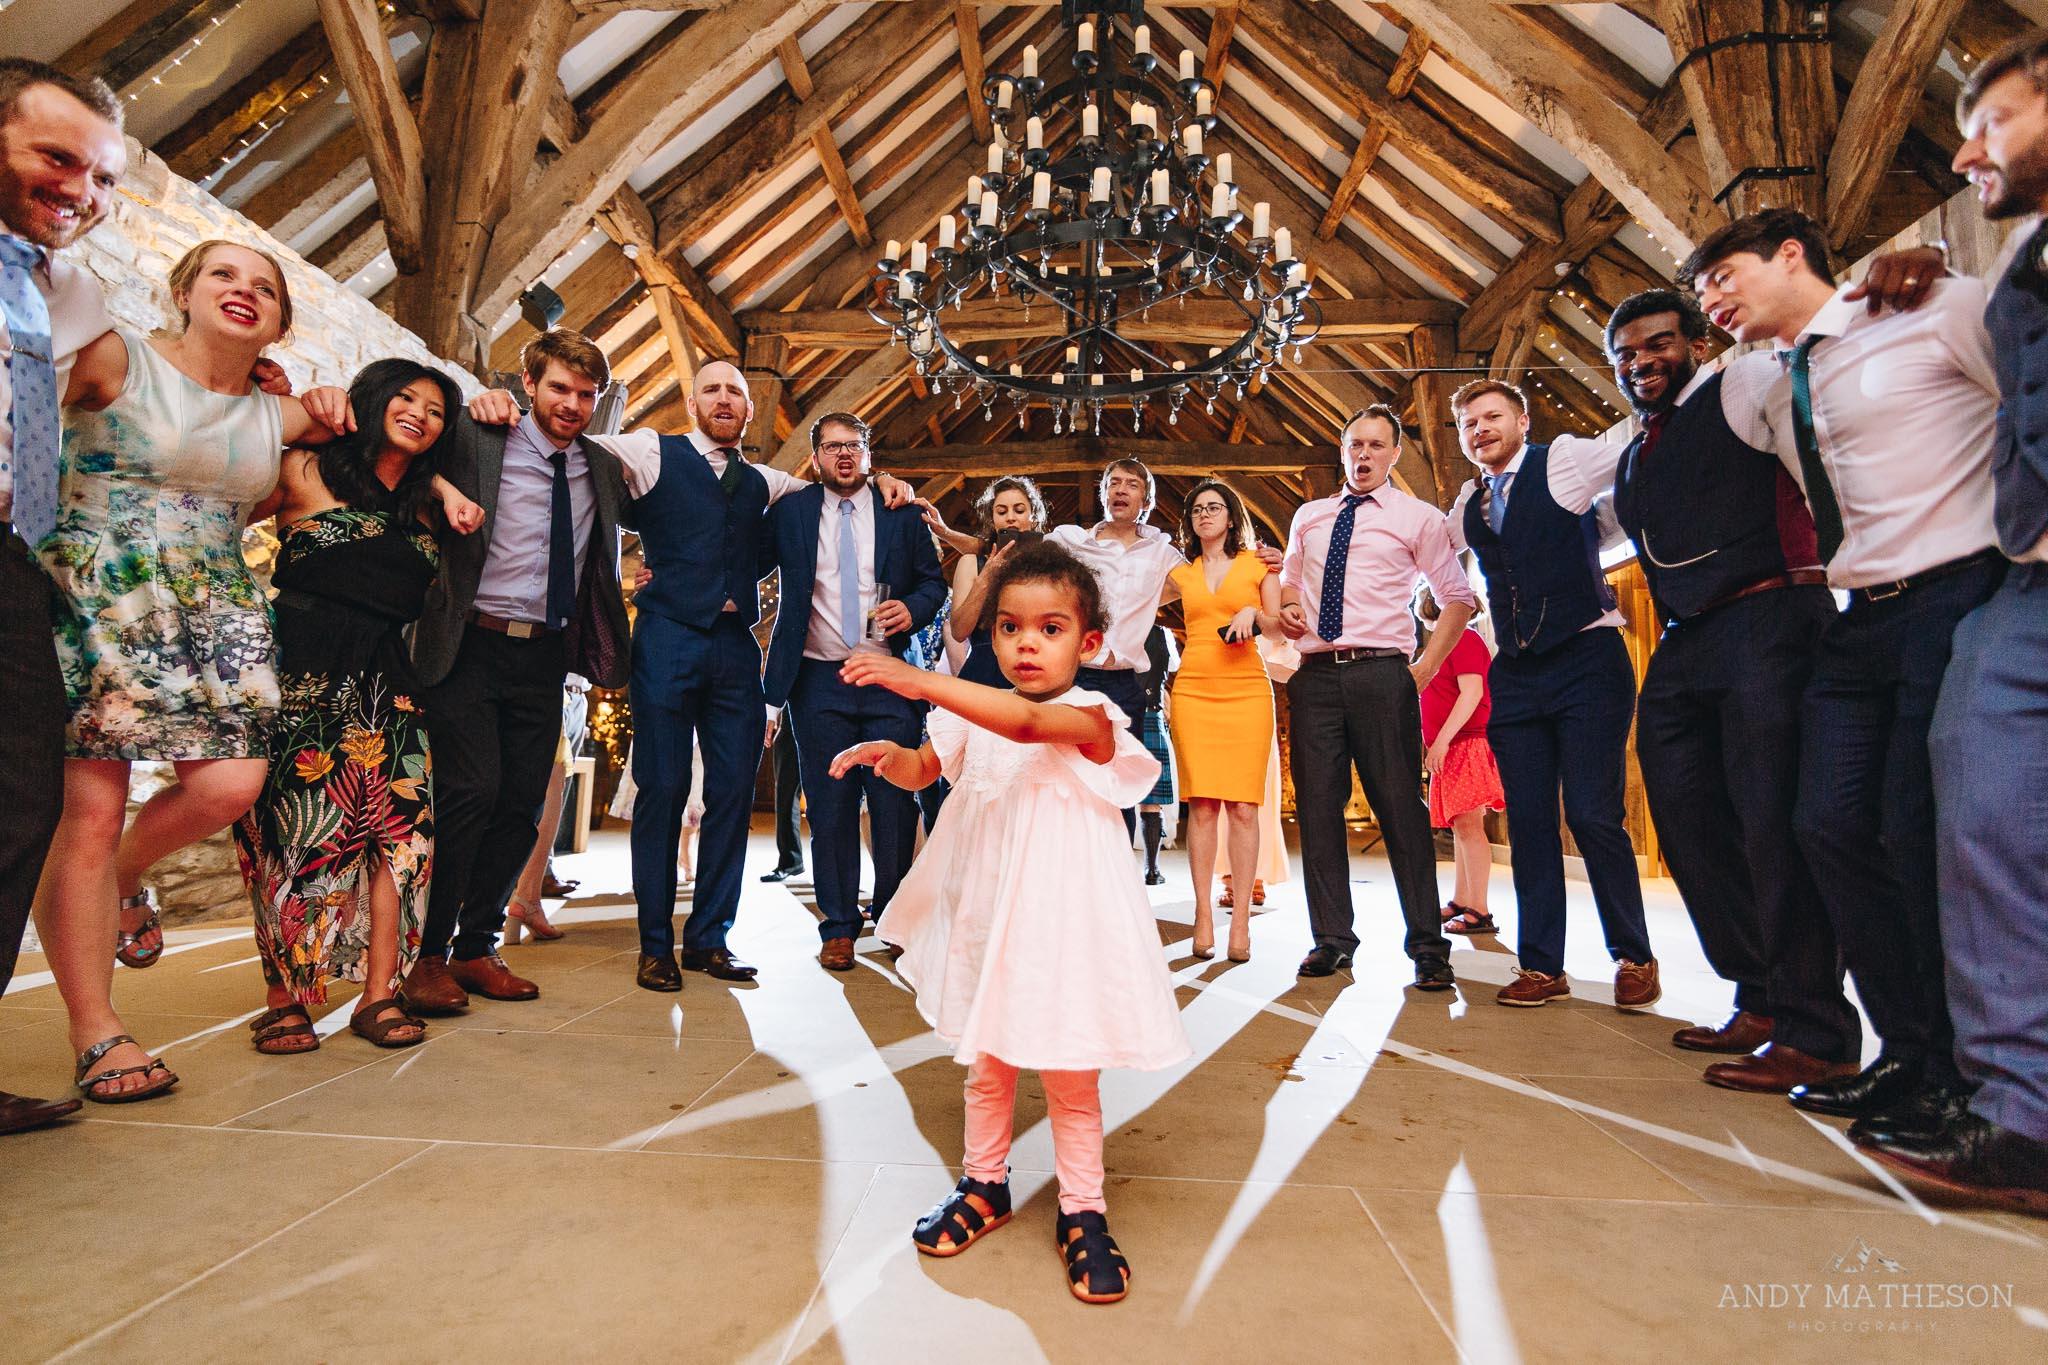 Tithe Barn Bolton Abbey Wedding Photographer_Andy Matheson_107.jpg